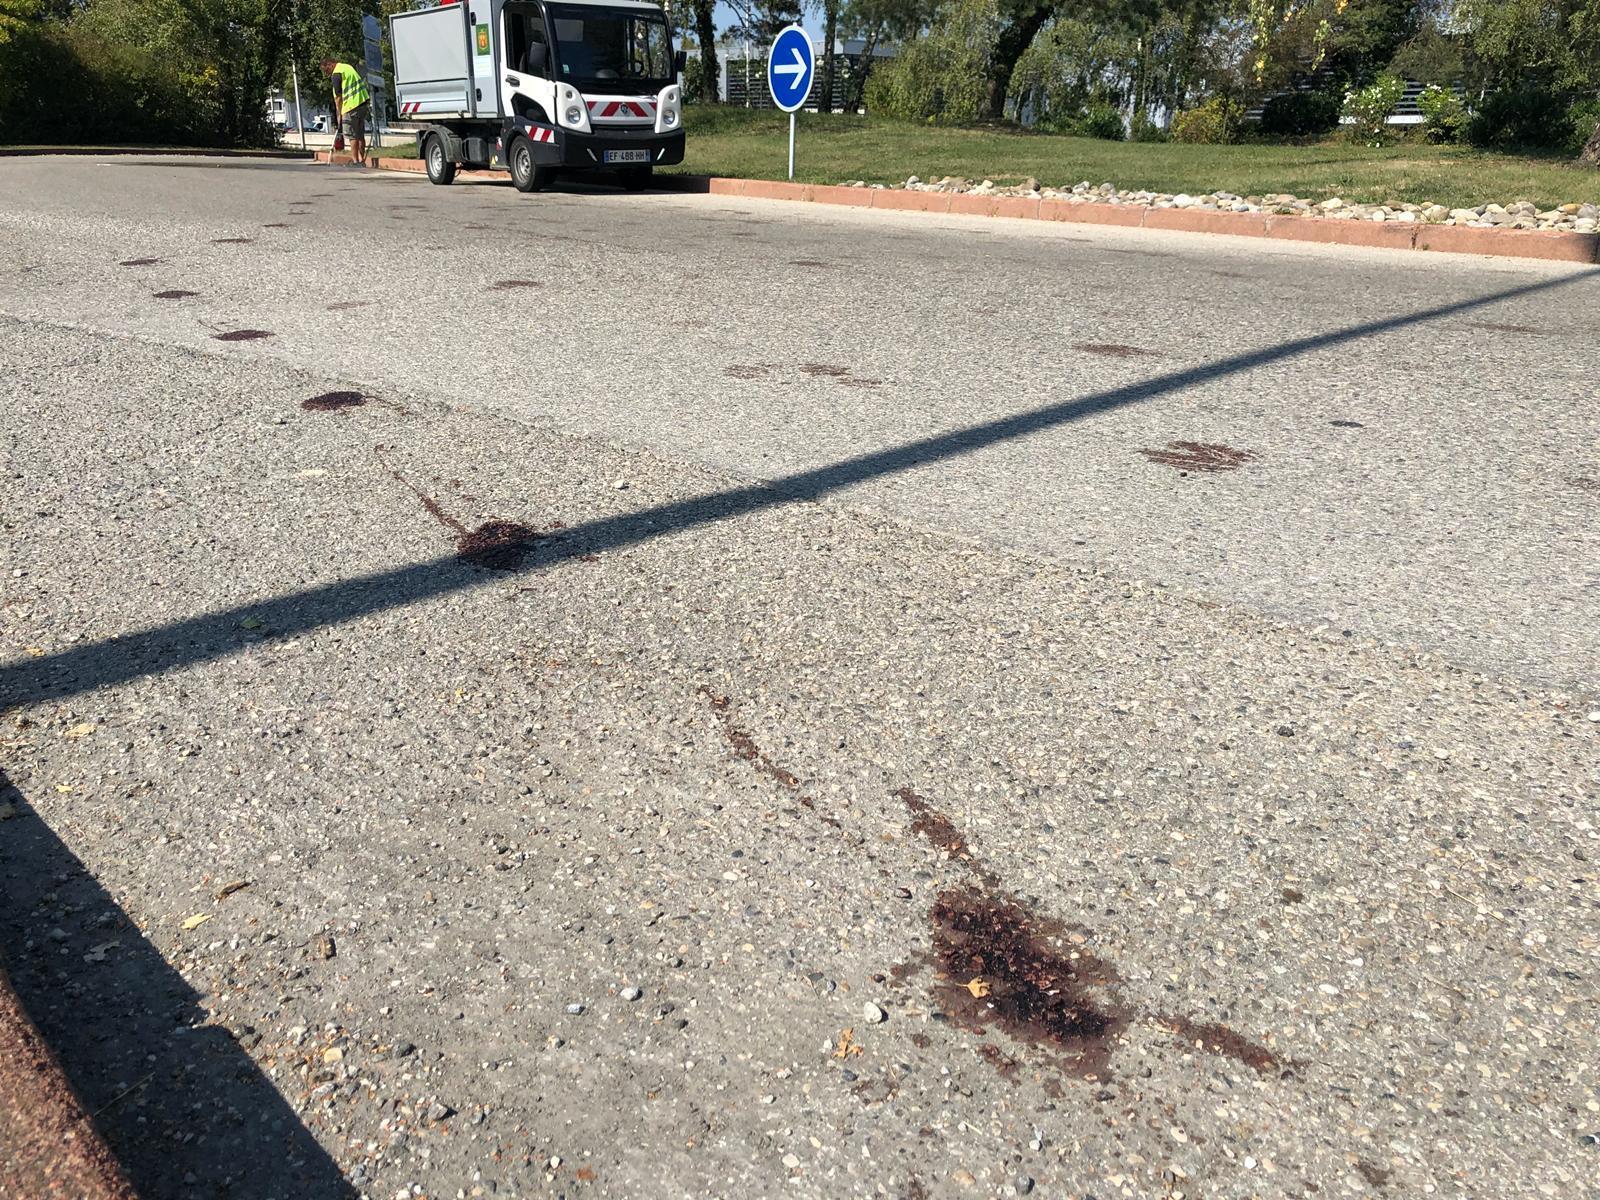 Meurtre à la technopole d'Archamps: la victime poignardée à quatre reprises